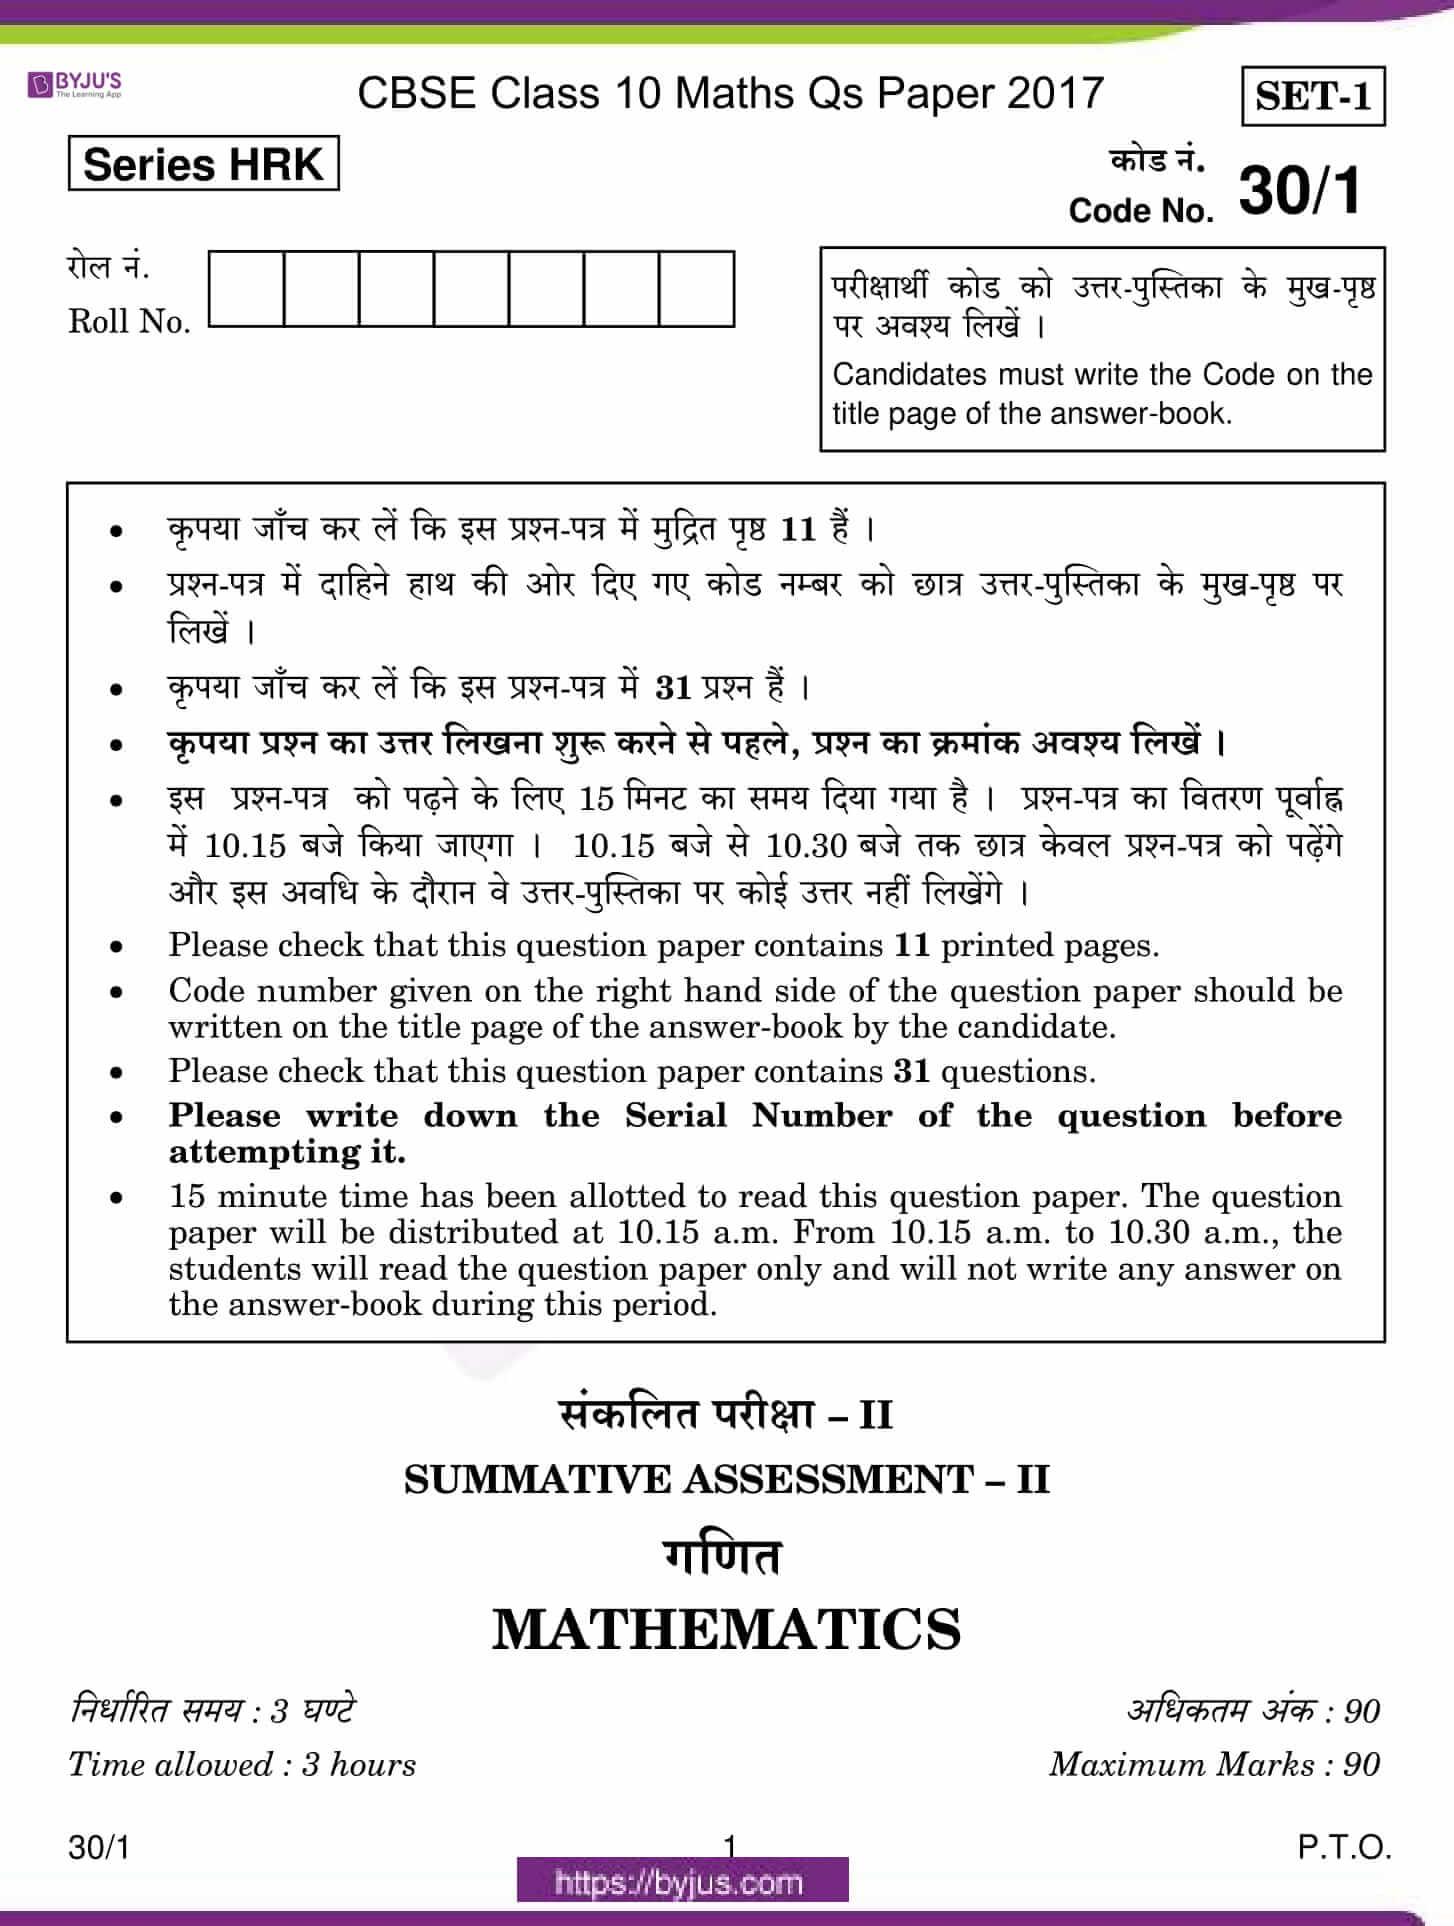 CBSE Class 10 Maths Qs Paper 2017 SA 2 Set 1 01